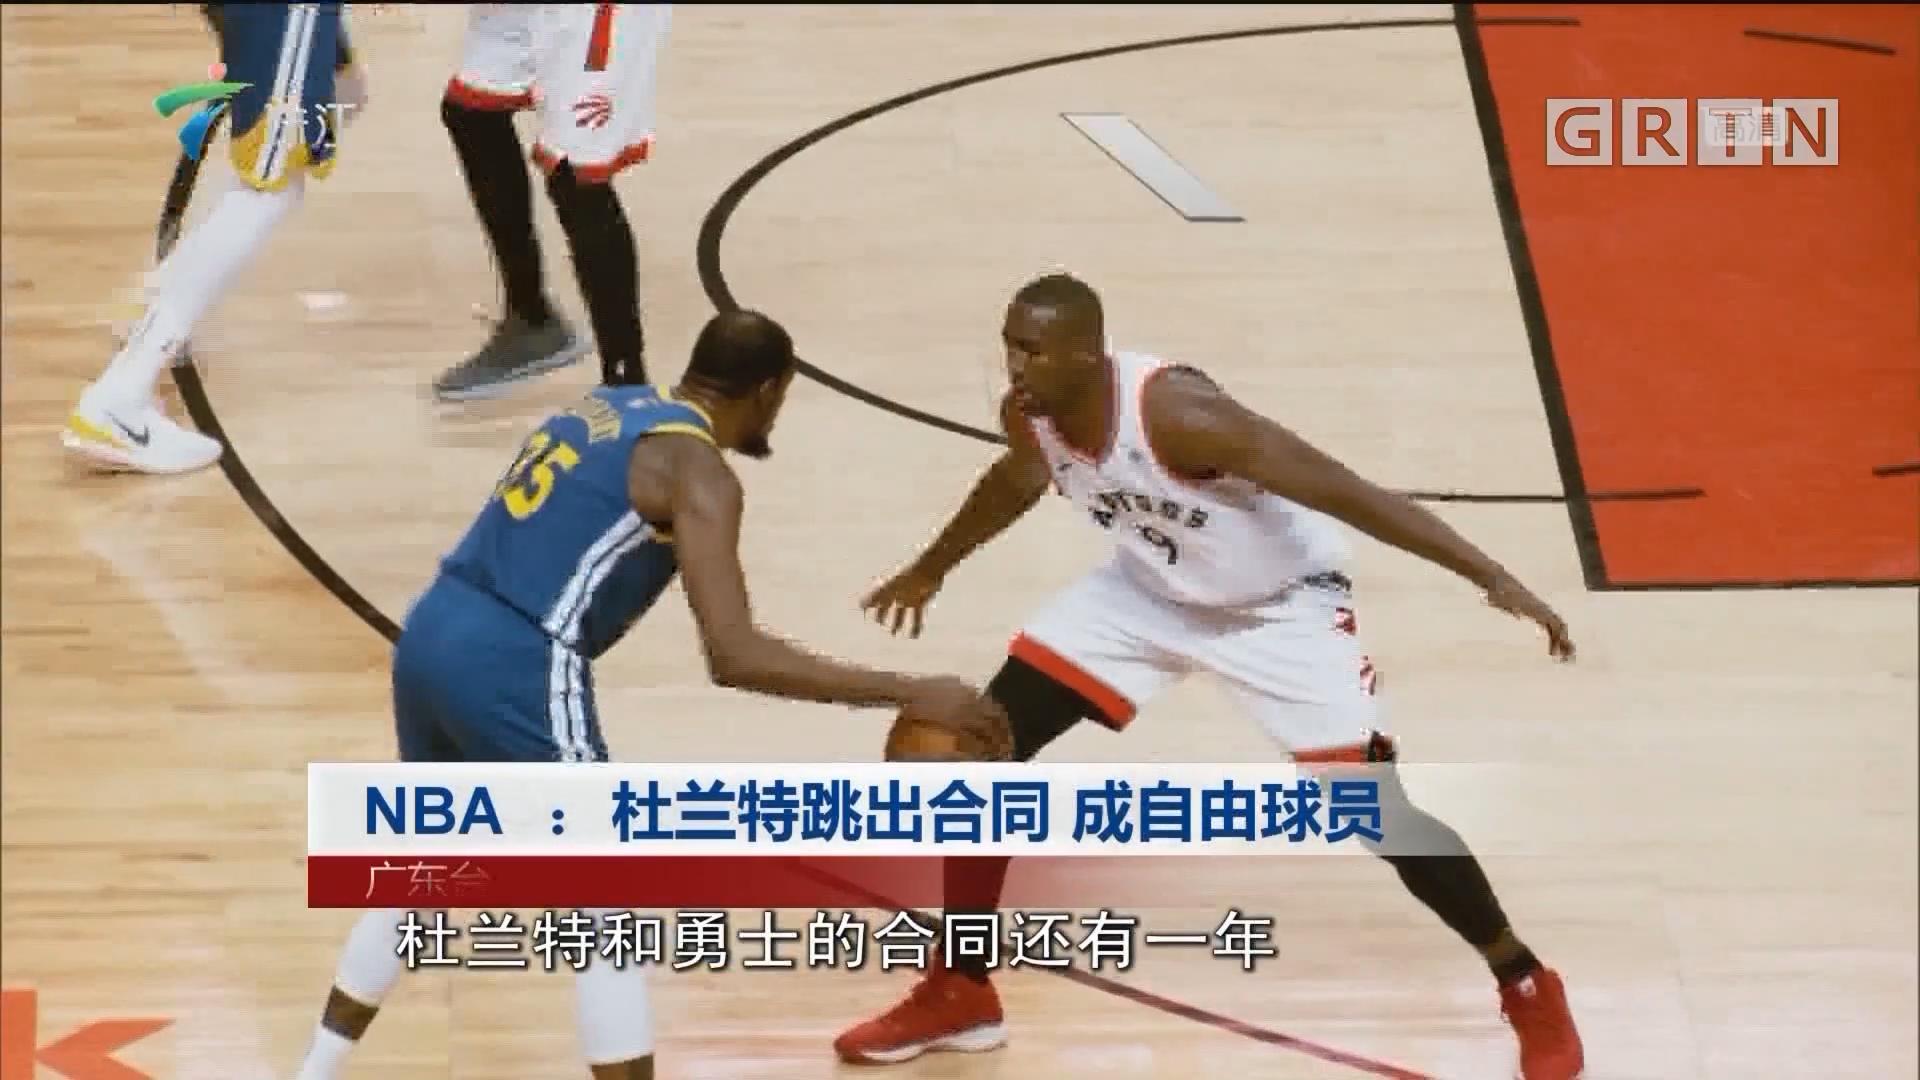 NBA:杜兰特跳出合同 成自由球员